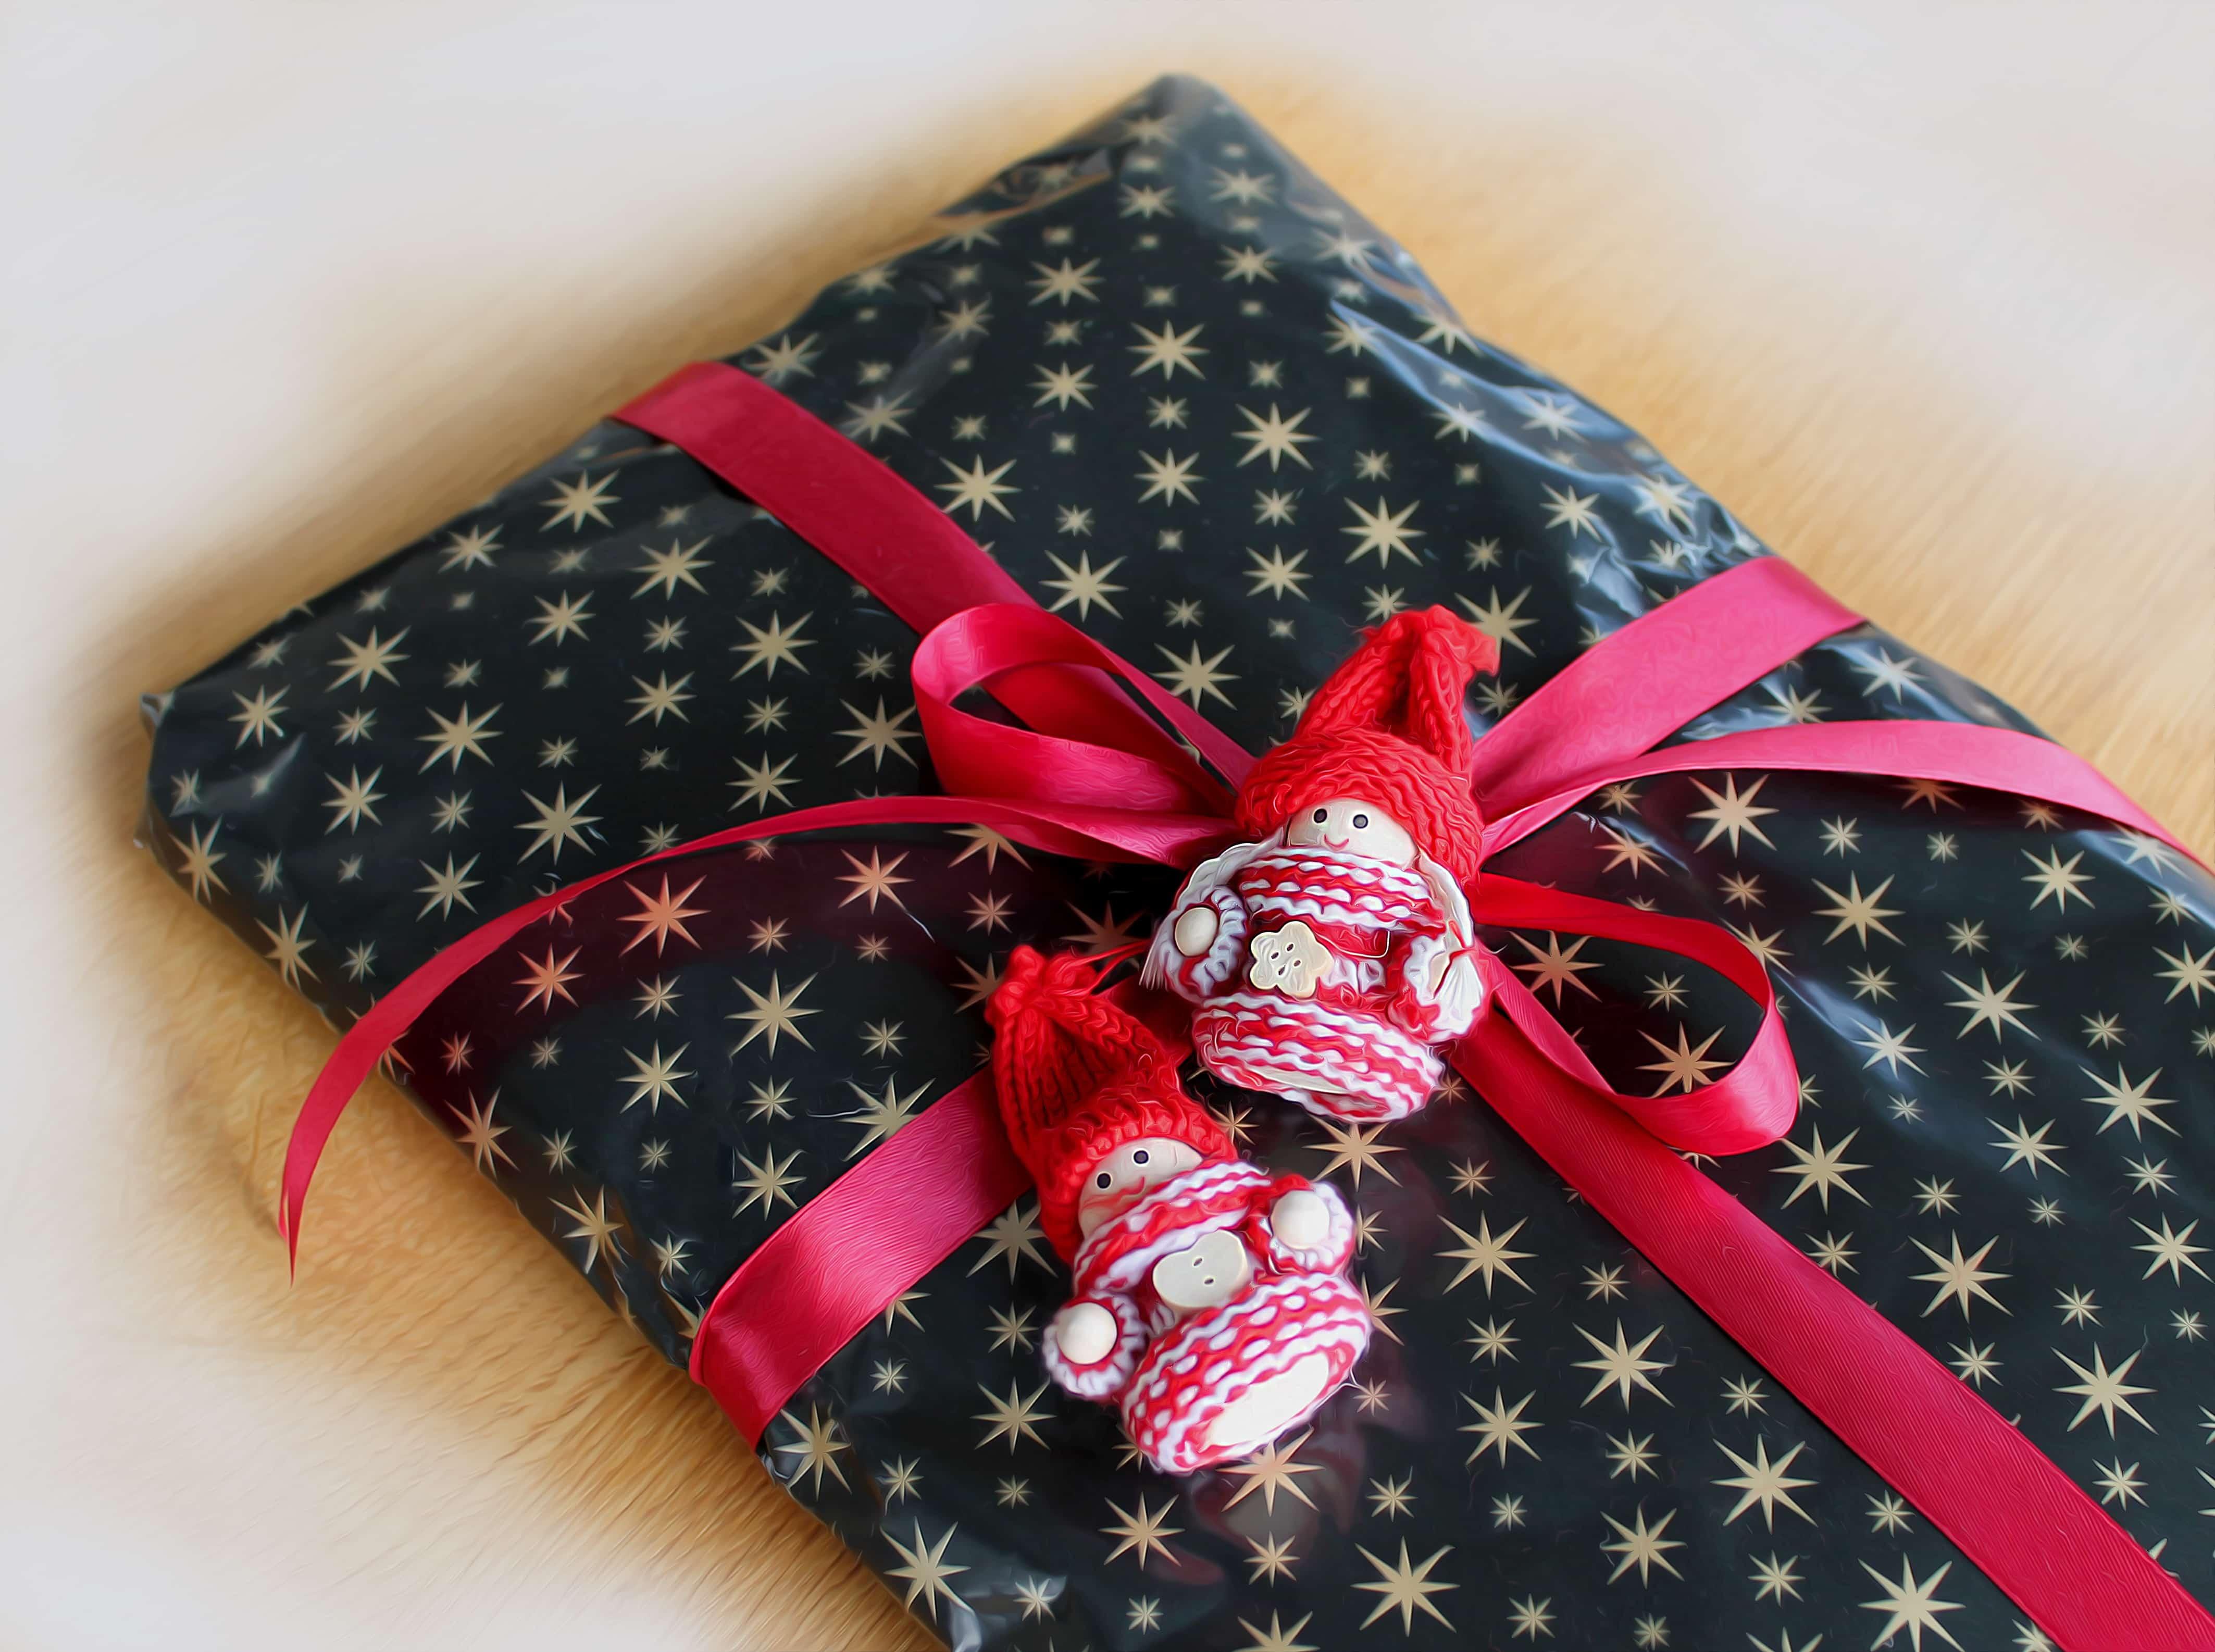 リボンで包まれた贈り物と2体の人形